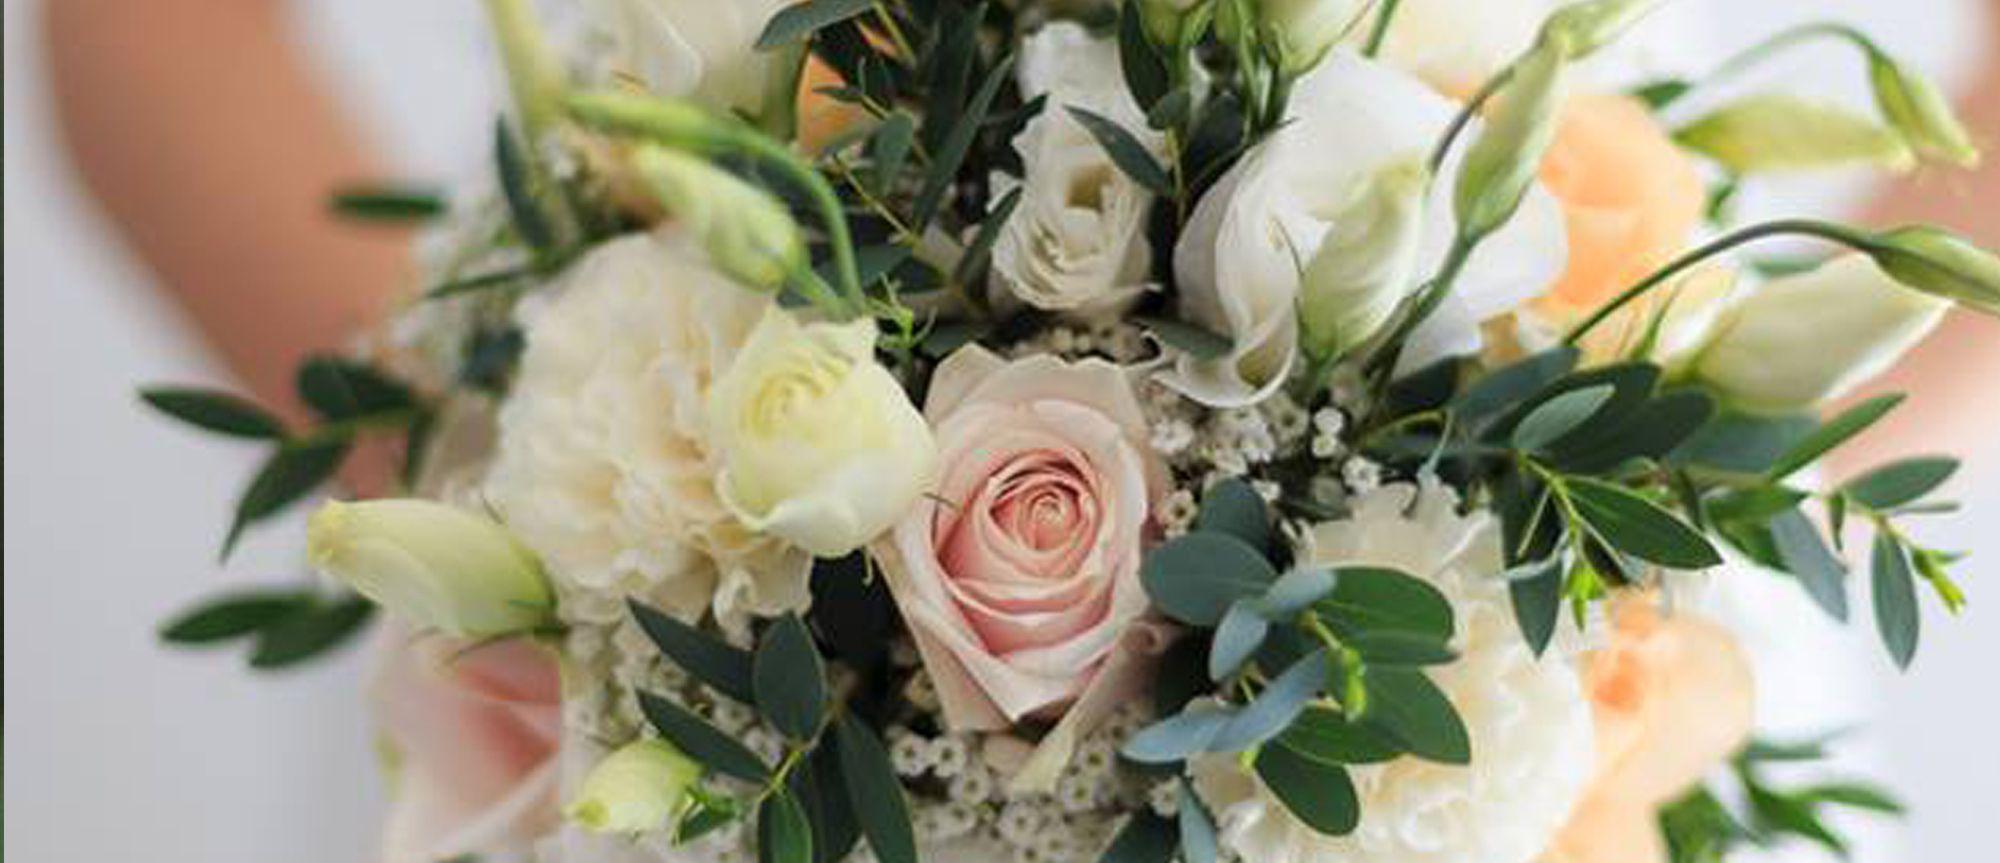 Fleuriste Horticulteur Pres De Valence Earl Fleurs Coupees